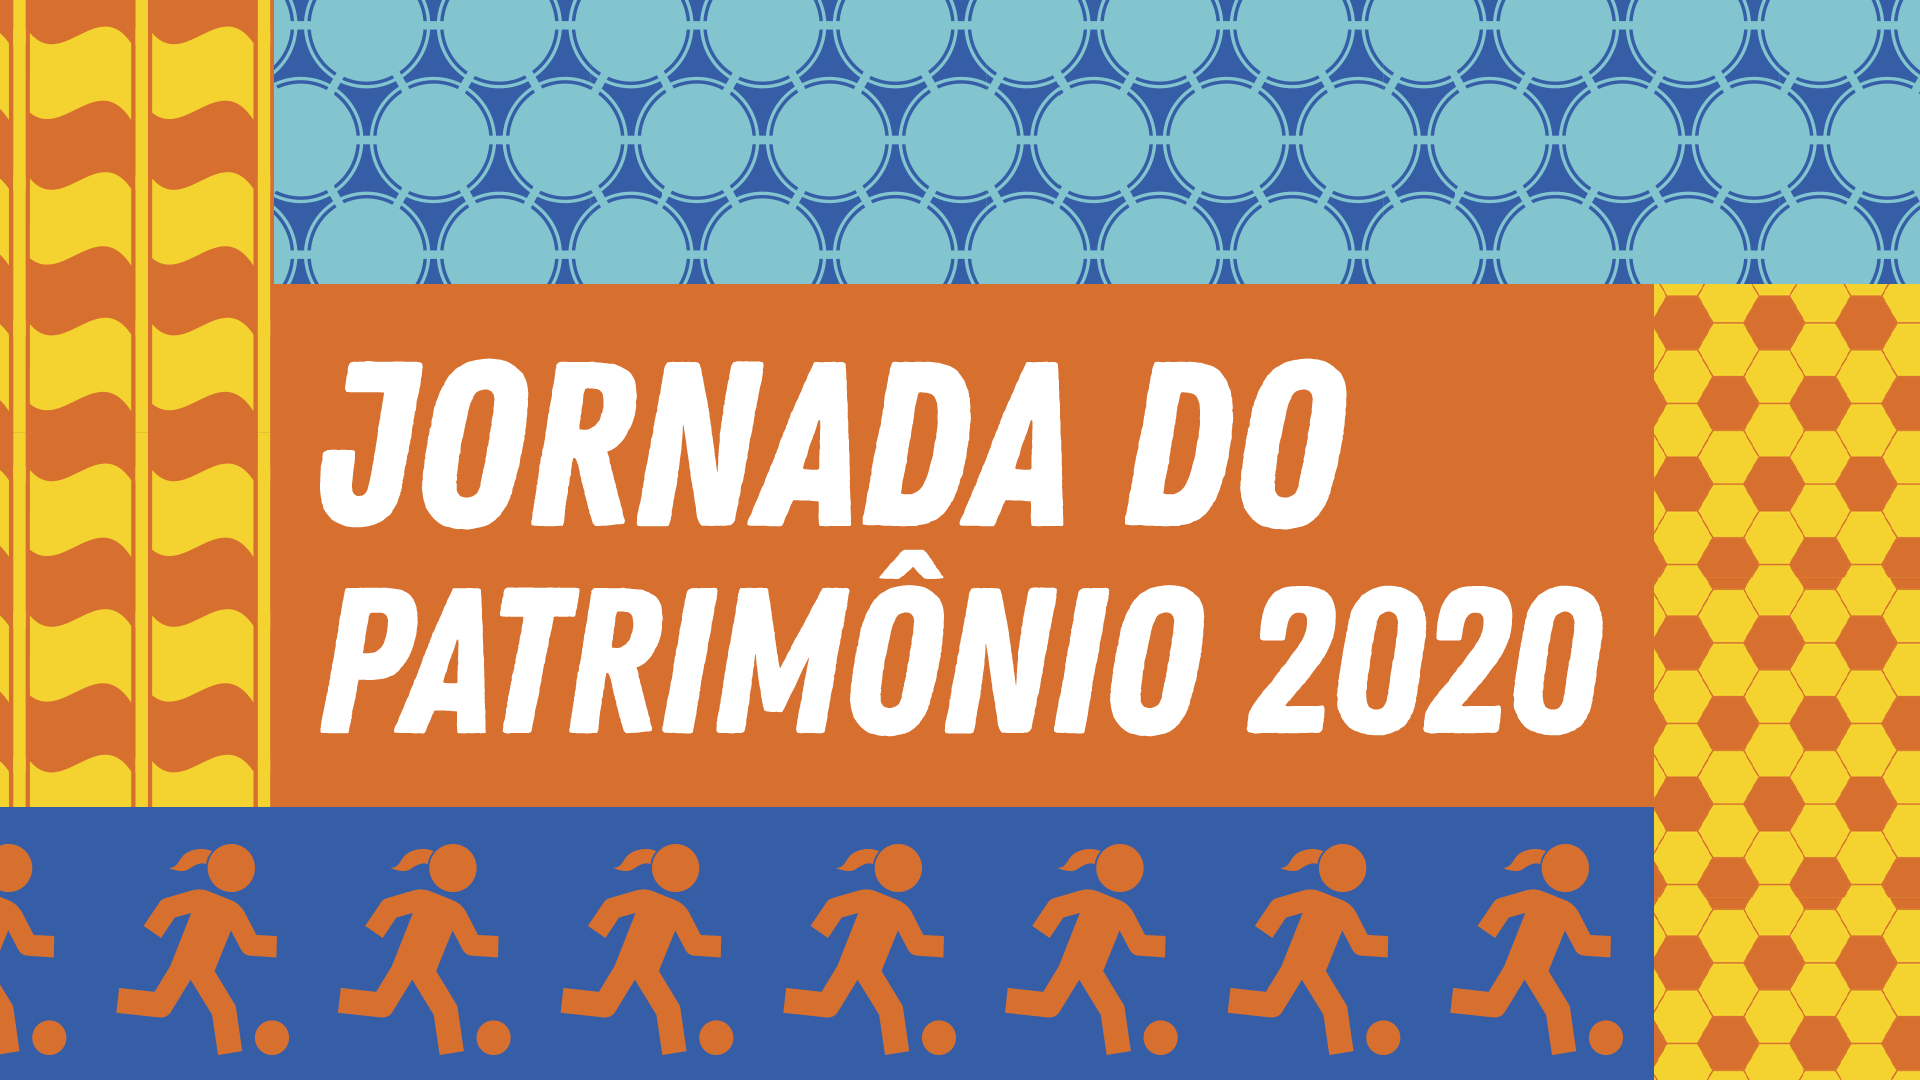 Ilustração formada por mosaicos de texturas predominantemente em laranja, amarelo e azul claro e escuro, mostrando, bandeiras, bolas e uma mulher chutando uma bola. No centro, a frase Jornada do Patrimônio 2020.